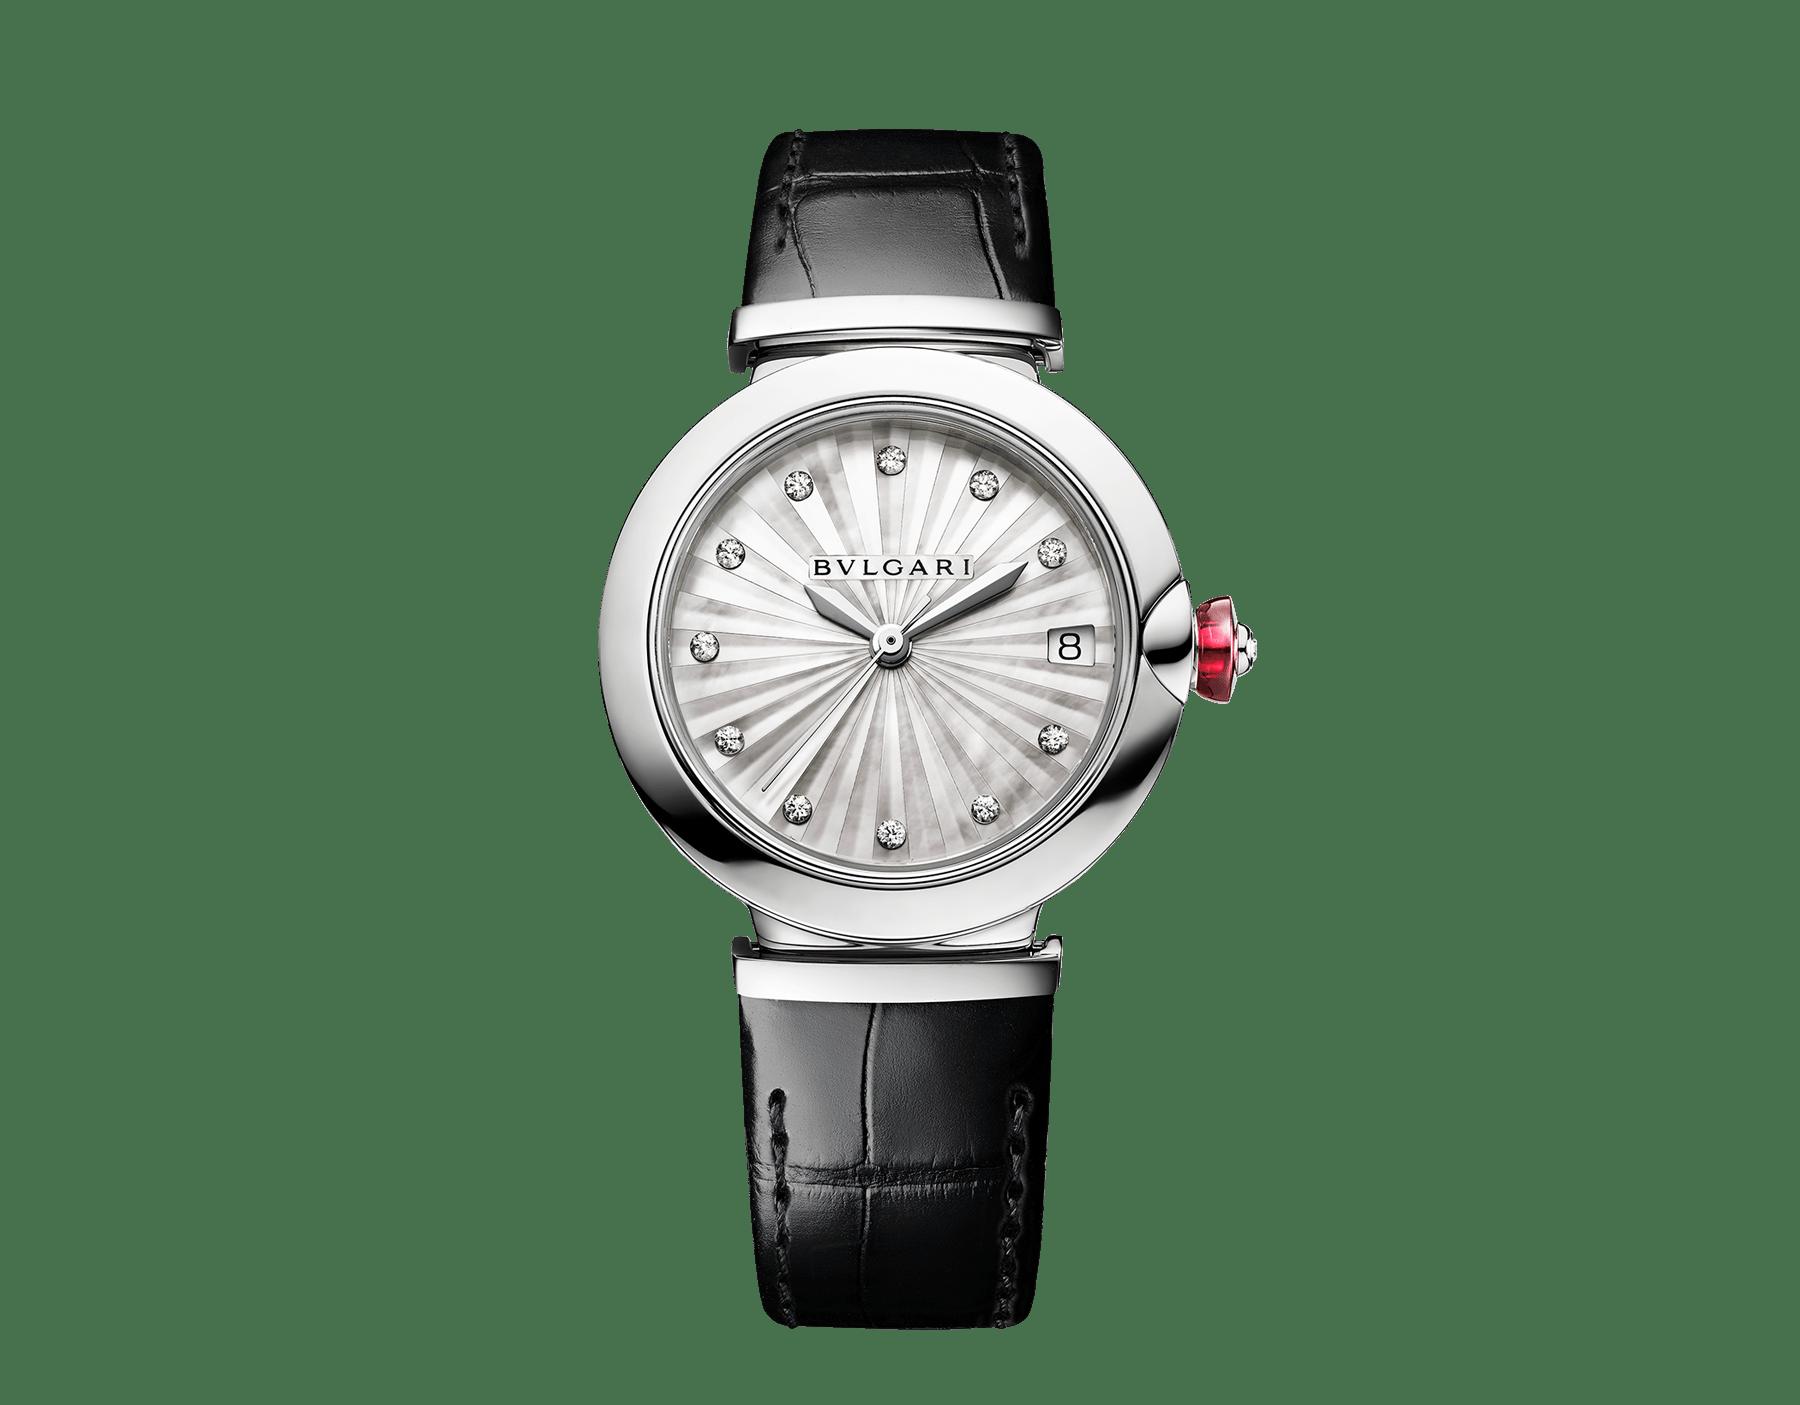 LVCEA Uhr mit Gehäuse aus Edelstahl, Zifferblatt mit weißem Perlmutt-Intarsio, Diamantindizes und schwarzem Armband aus Alligatorleder 103478 image 1